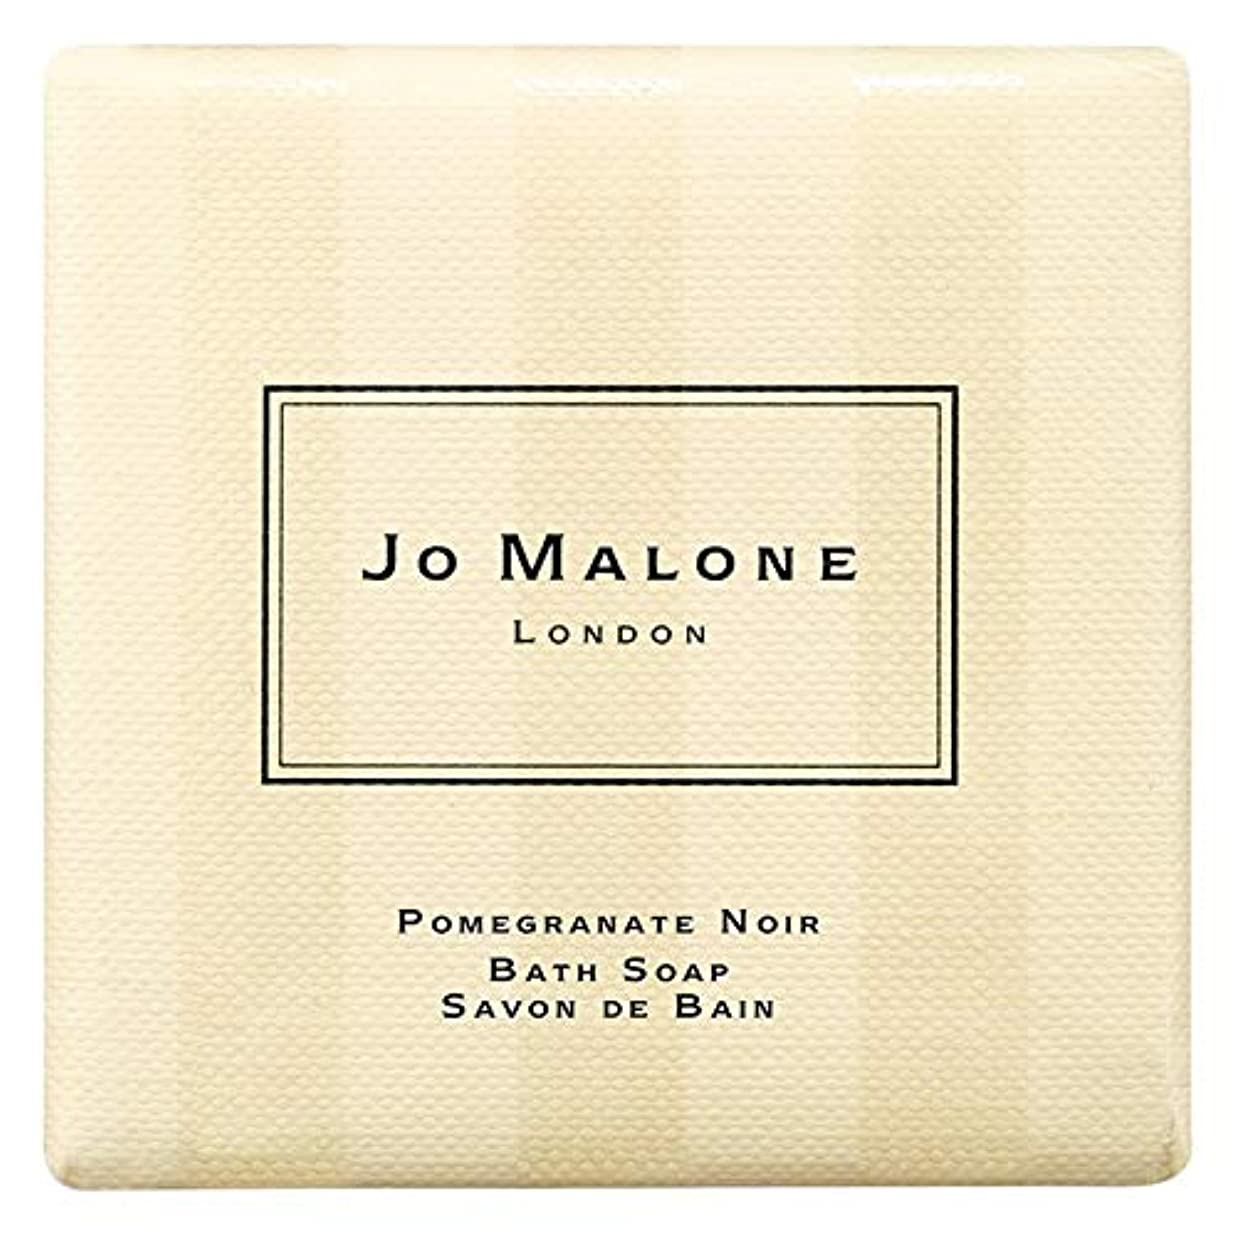 ペット推定修正[Jo Malone] ジョーマローンロンドンザクロノワール入浴石鹸100グラム - Jo Malone London Pomegranate Noir Bath Soap 100g [並行輸入品]